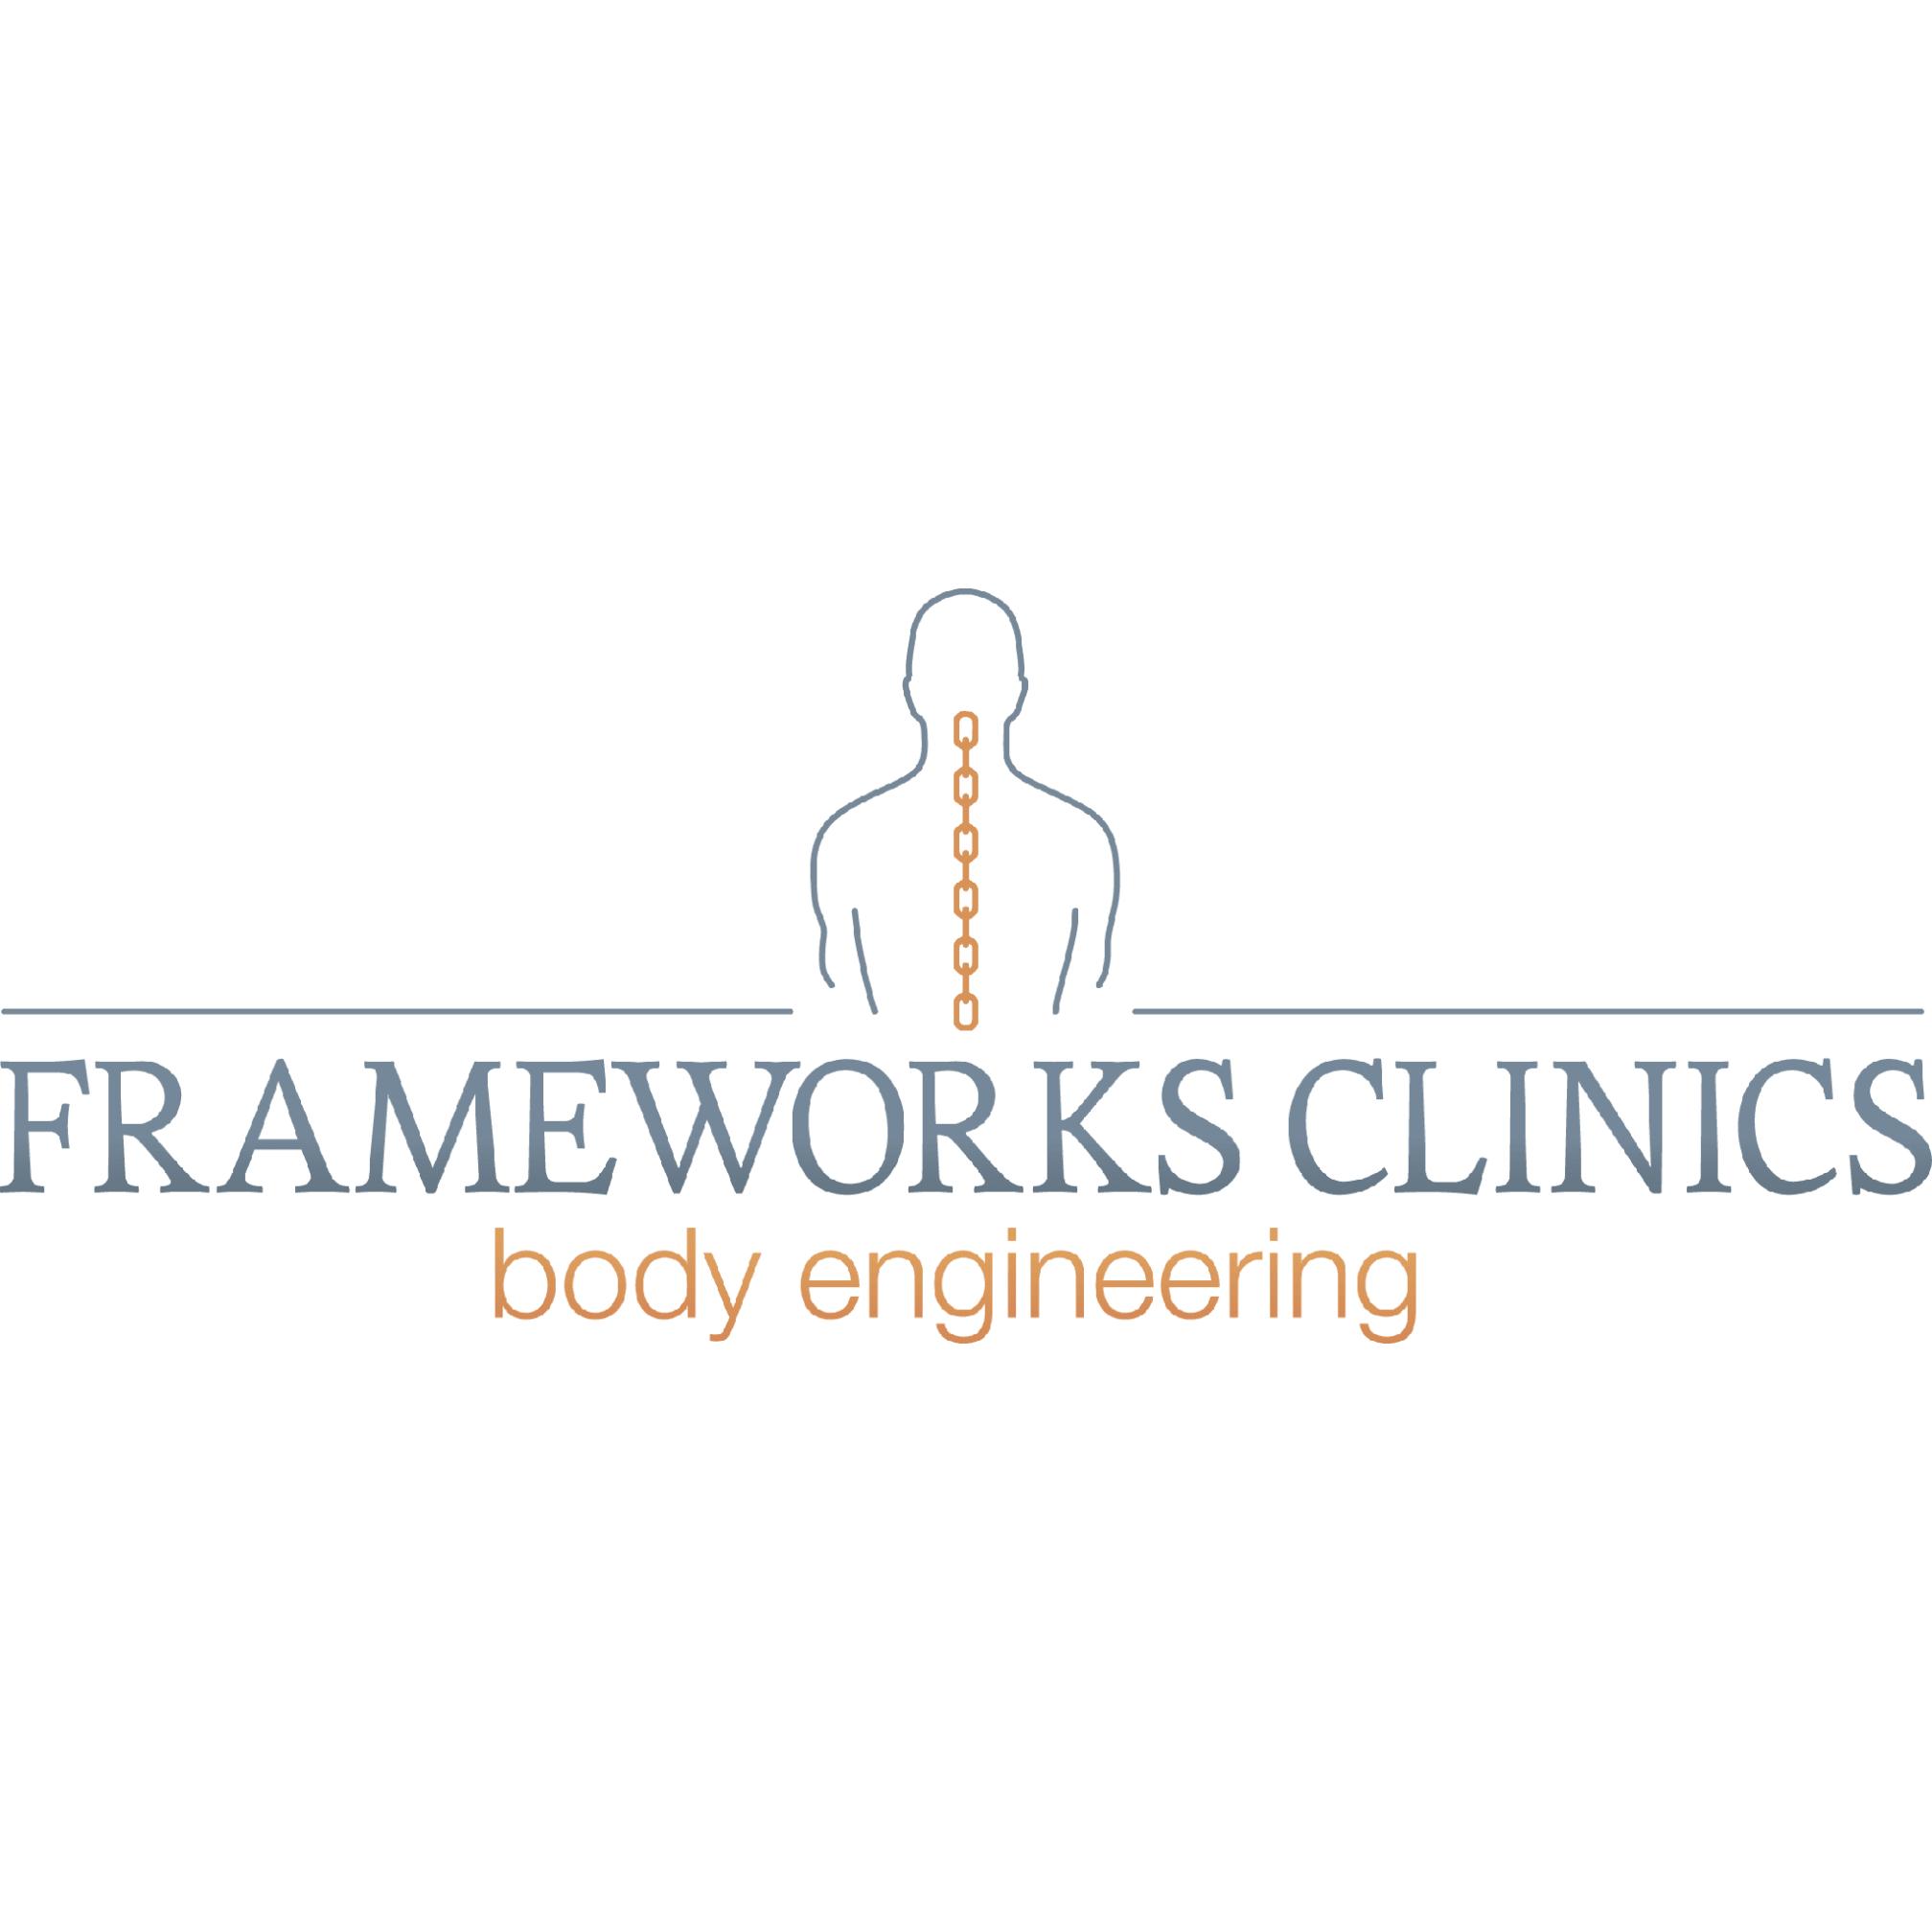 Frameworks Clinics - Verwood, Dorset BH31 6DY - 01202 827609   ShowMeLocal.com